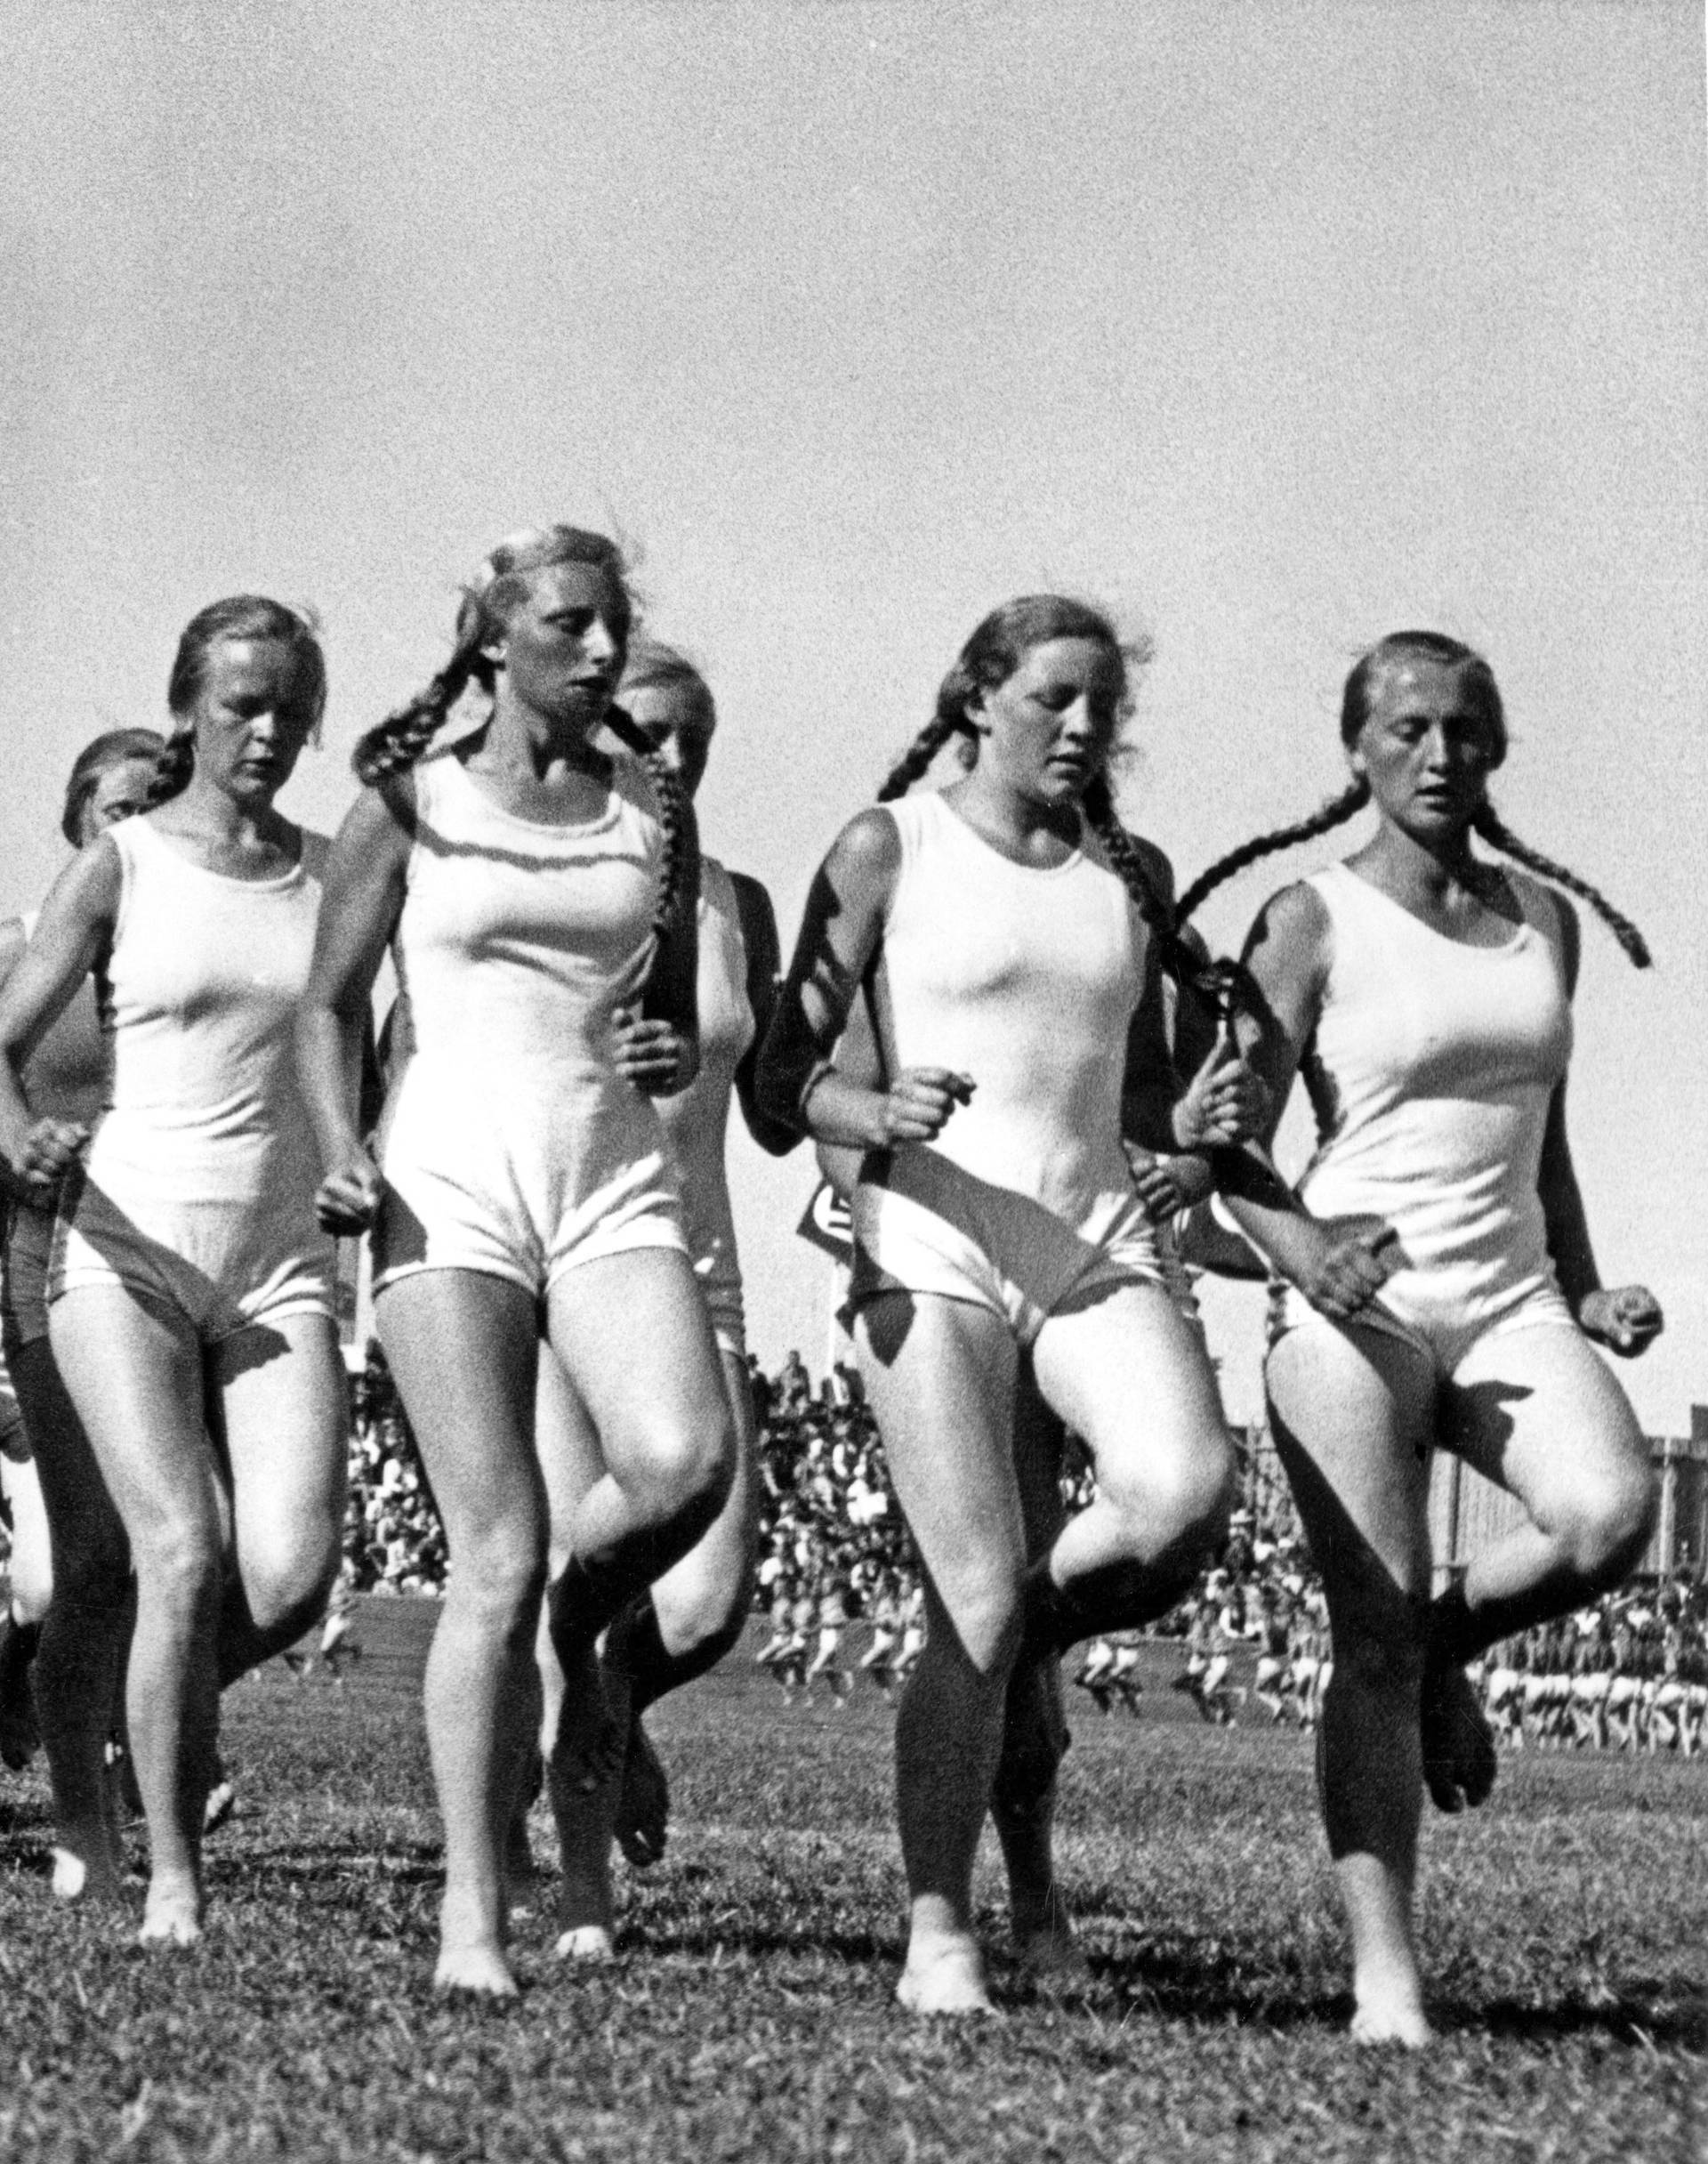 Frauen beim joggen, Sport, Leichtathletik, 1940er Jahre, genauer Ort unbekannt, Deutschland